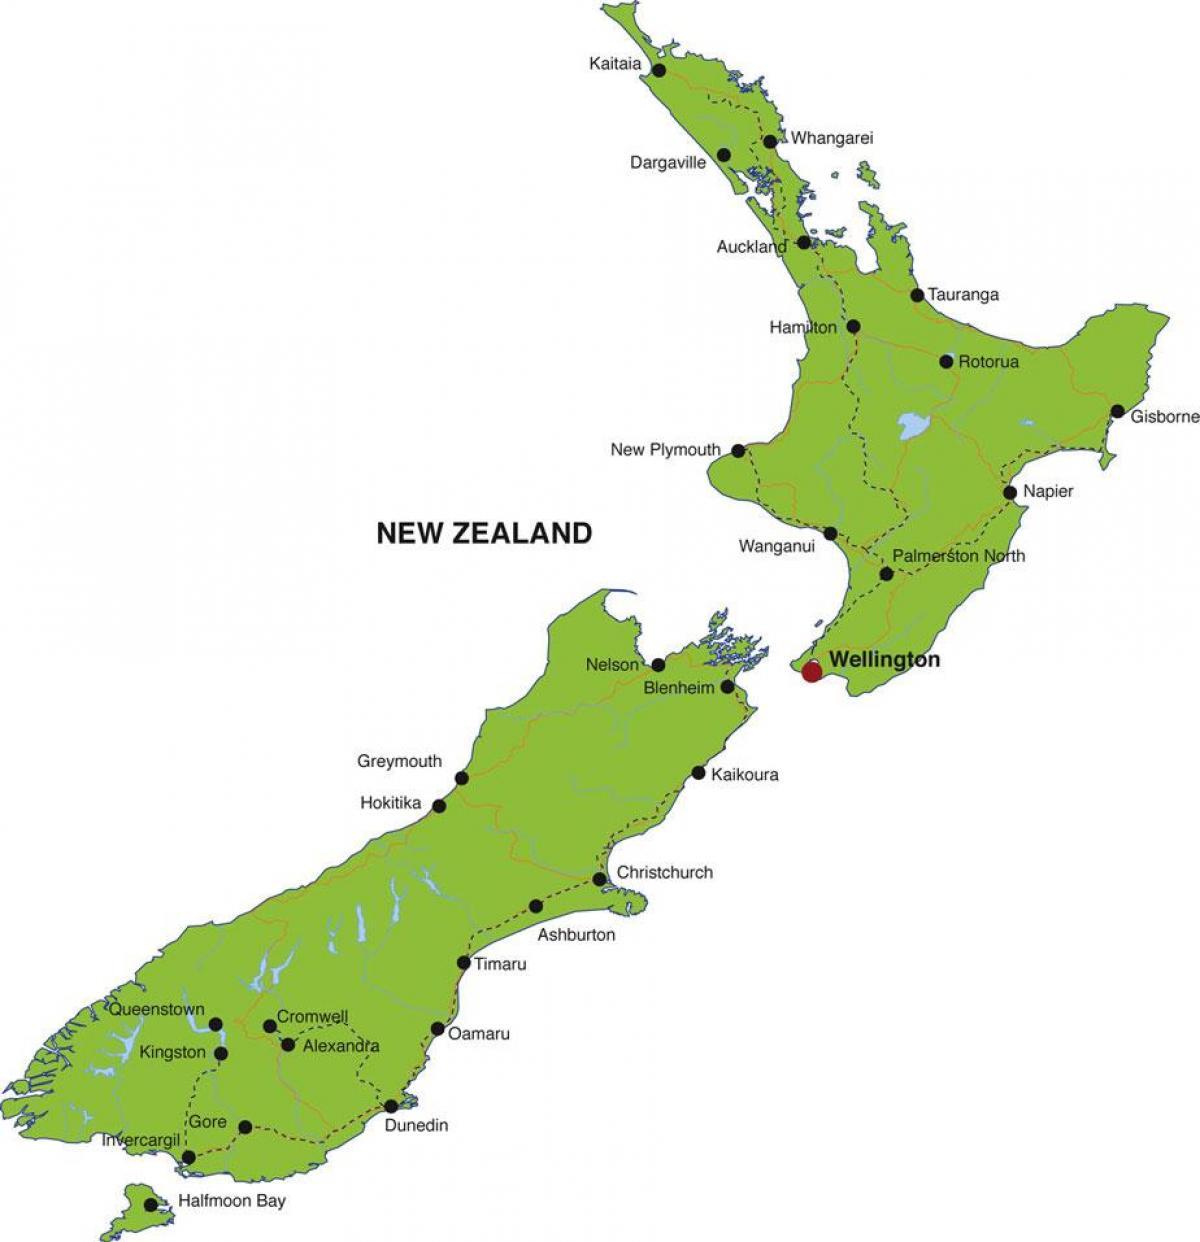 Australien Karta Lander.Nya Zeeland Stater Karta Karta Over Nya Zeeland Lander Australien